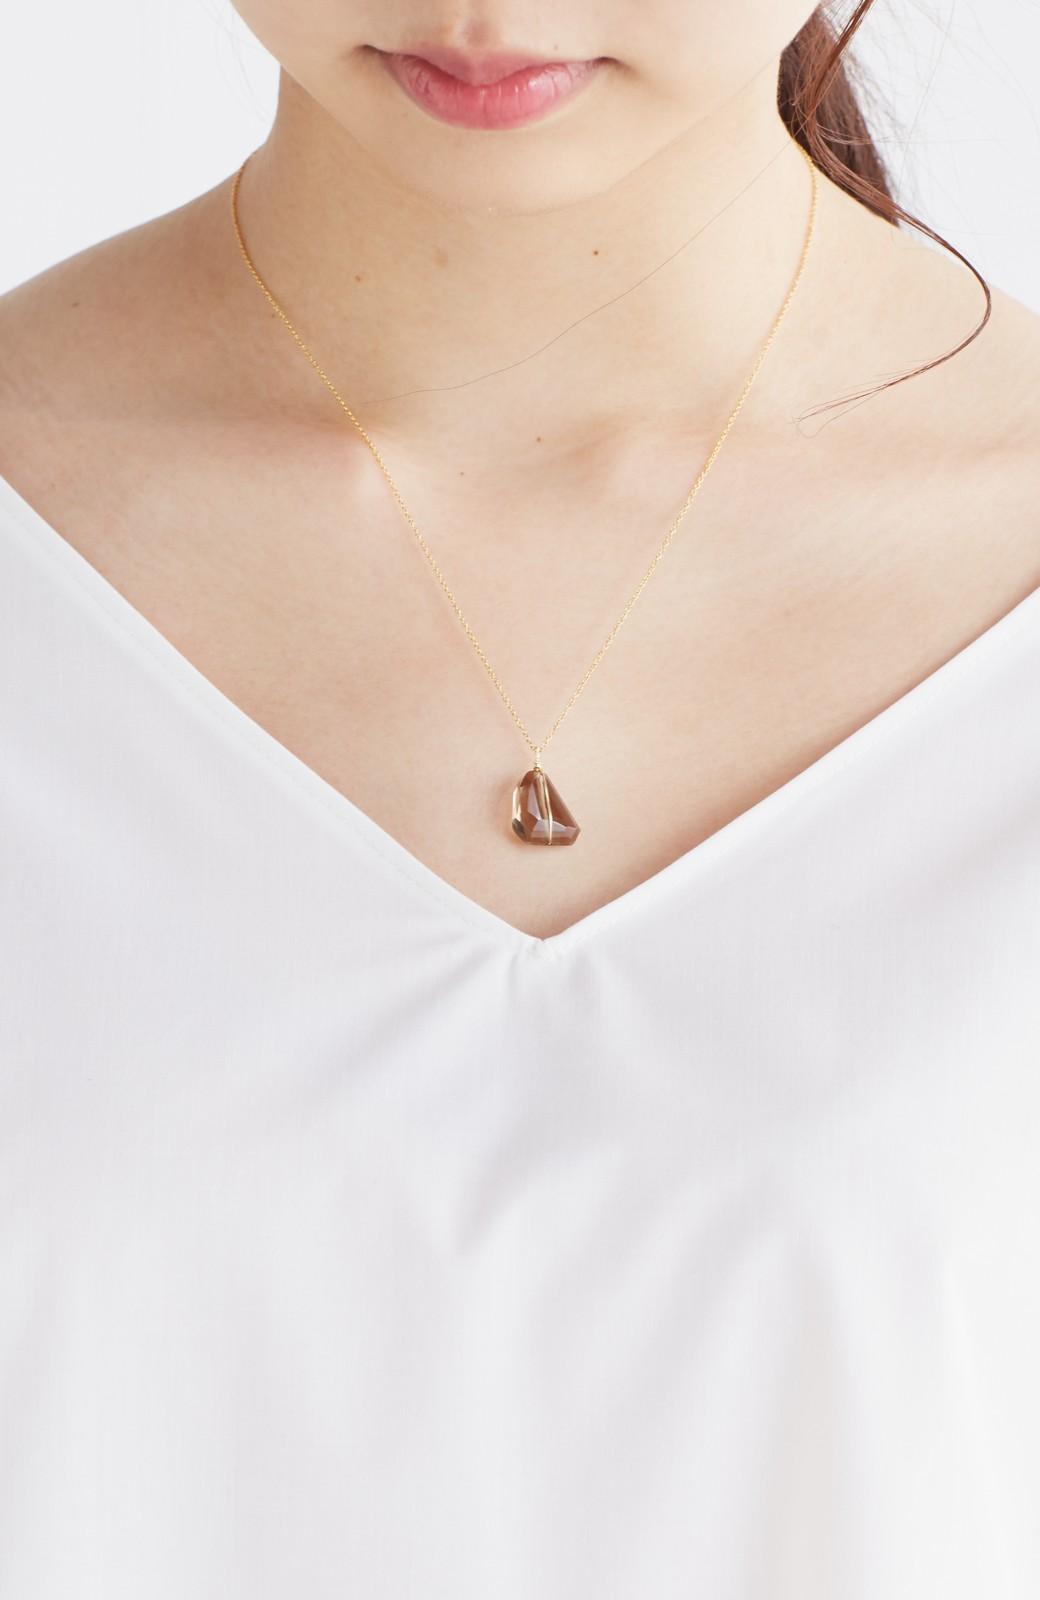 haco! お守りのようにそっと身に付けたい 華奢なチェーンの天然石ネックレス <ブラック系その他>の商品写真5